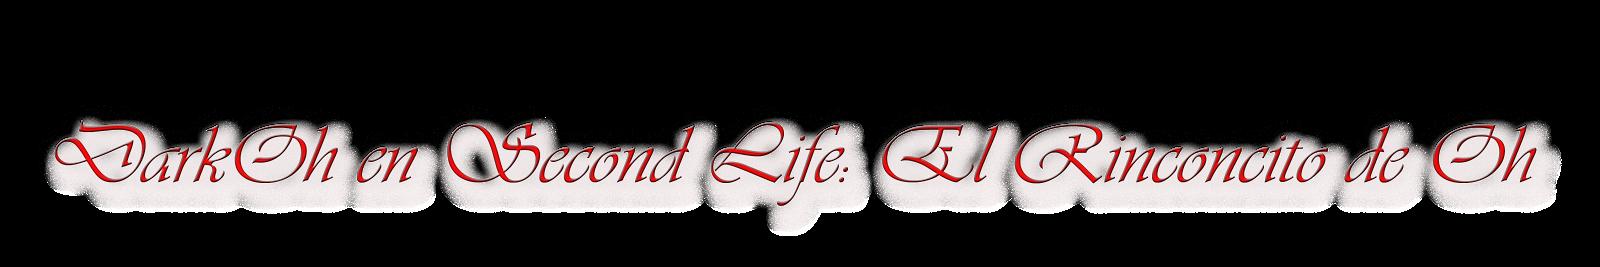 DarkOh en Second Life: El Rinconcito de Oh